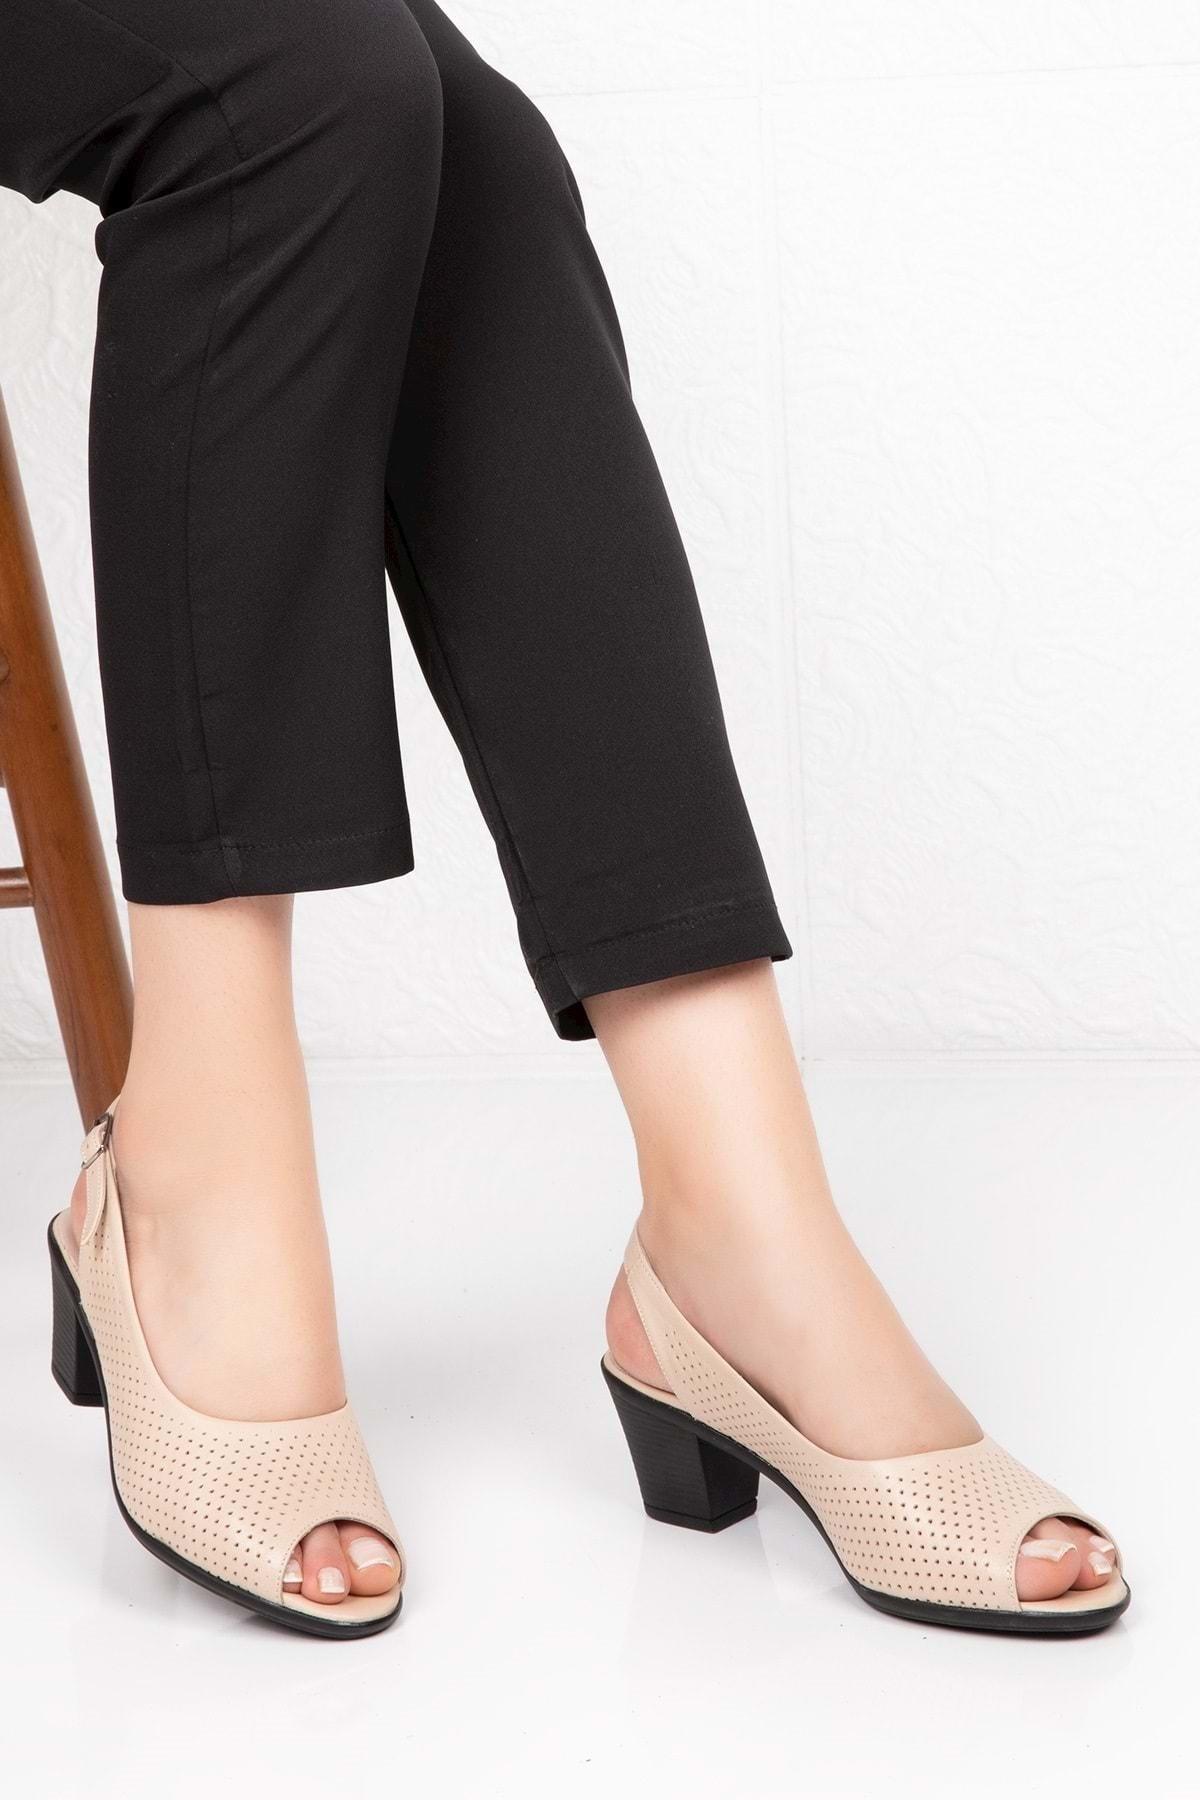 Gondol Kadın Bej  Deri Topuklu Ayakkabı 1